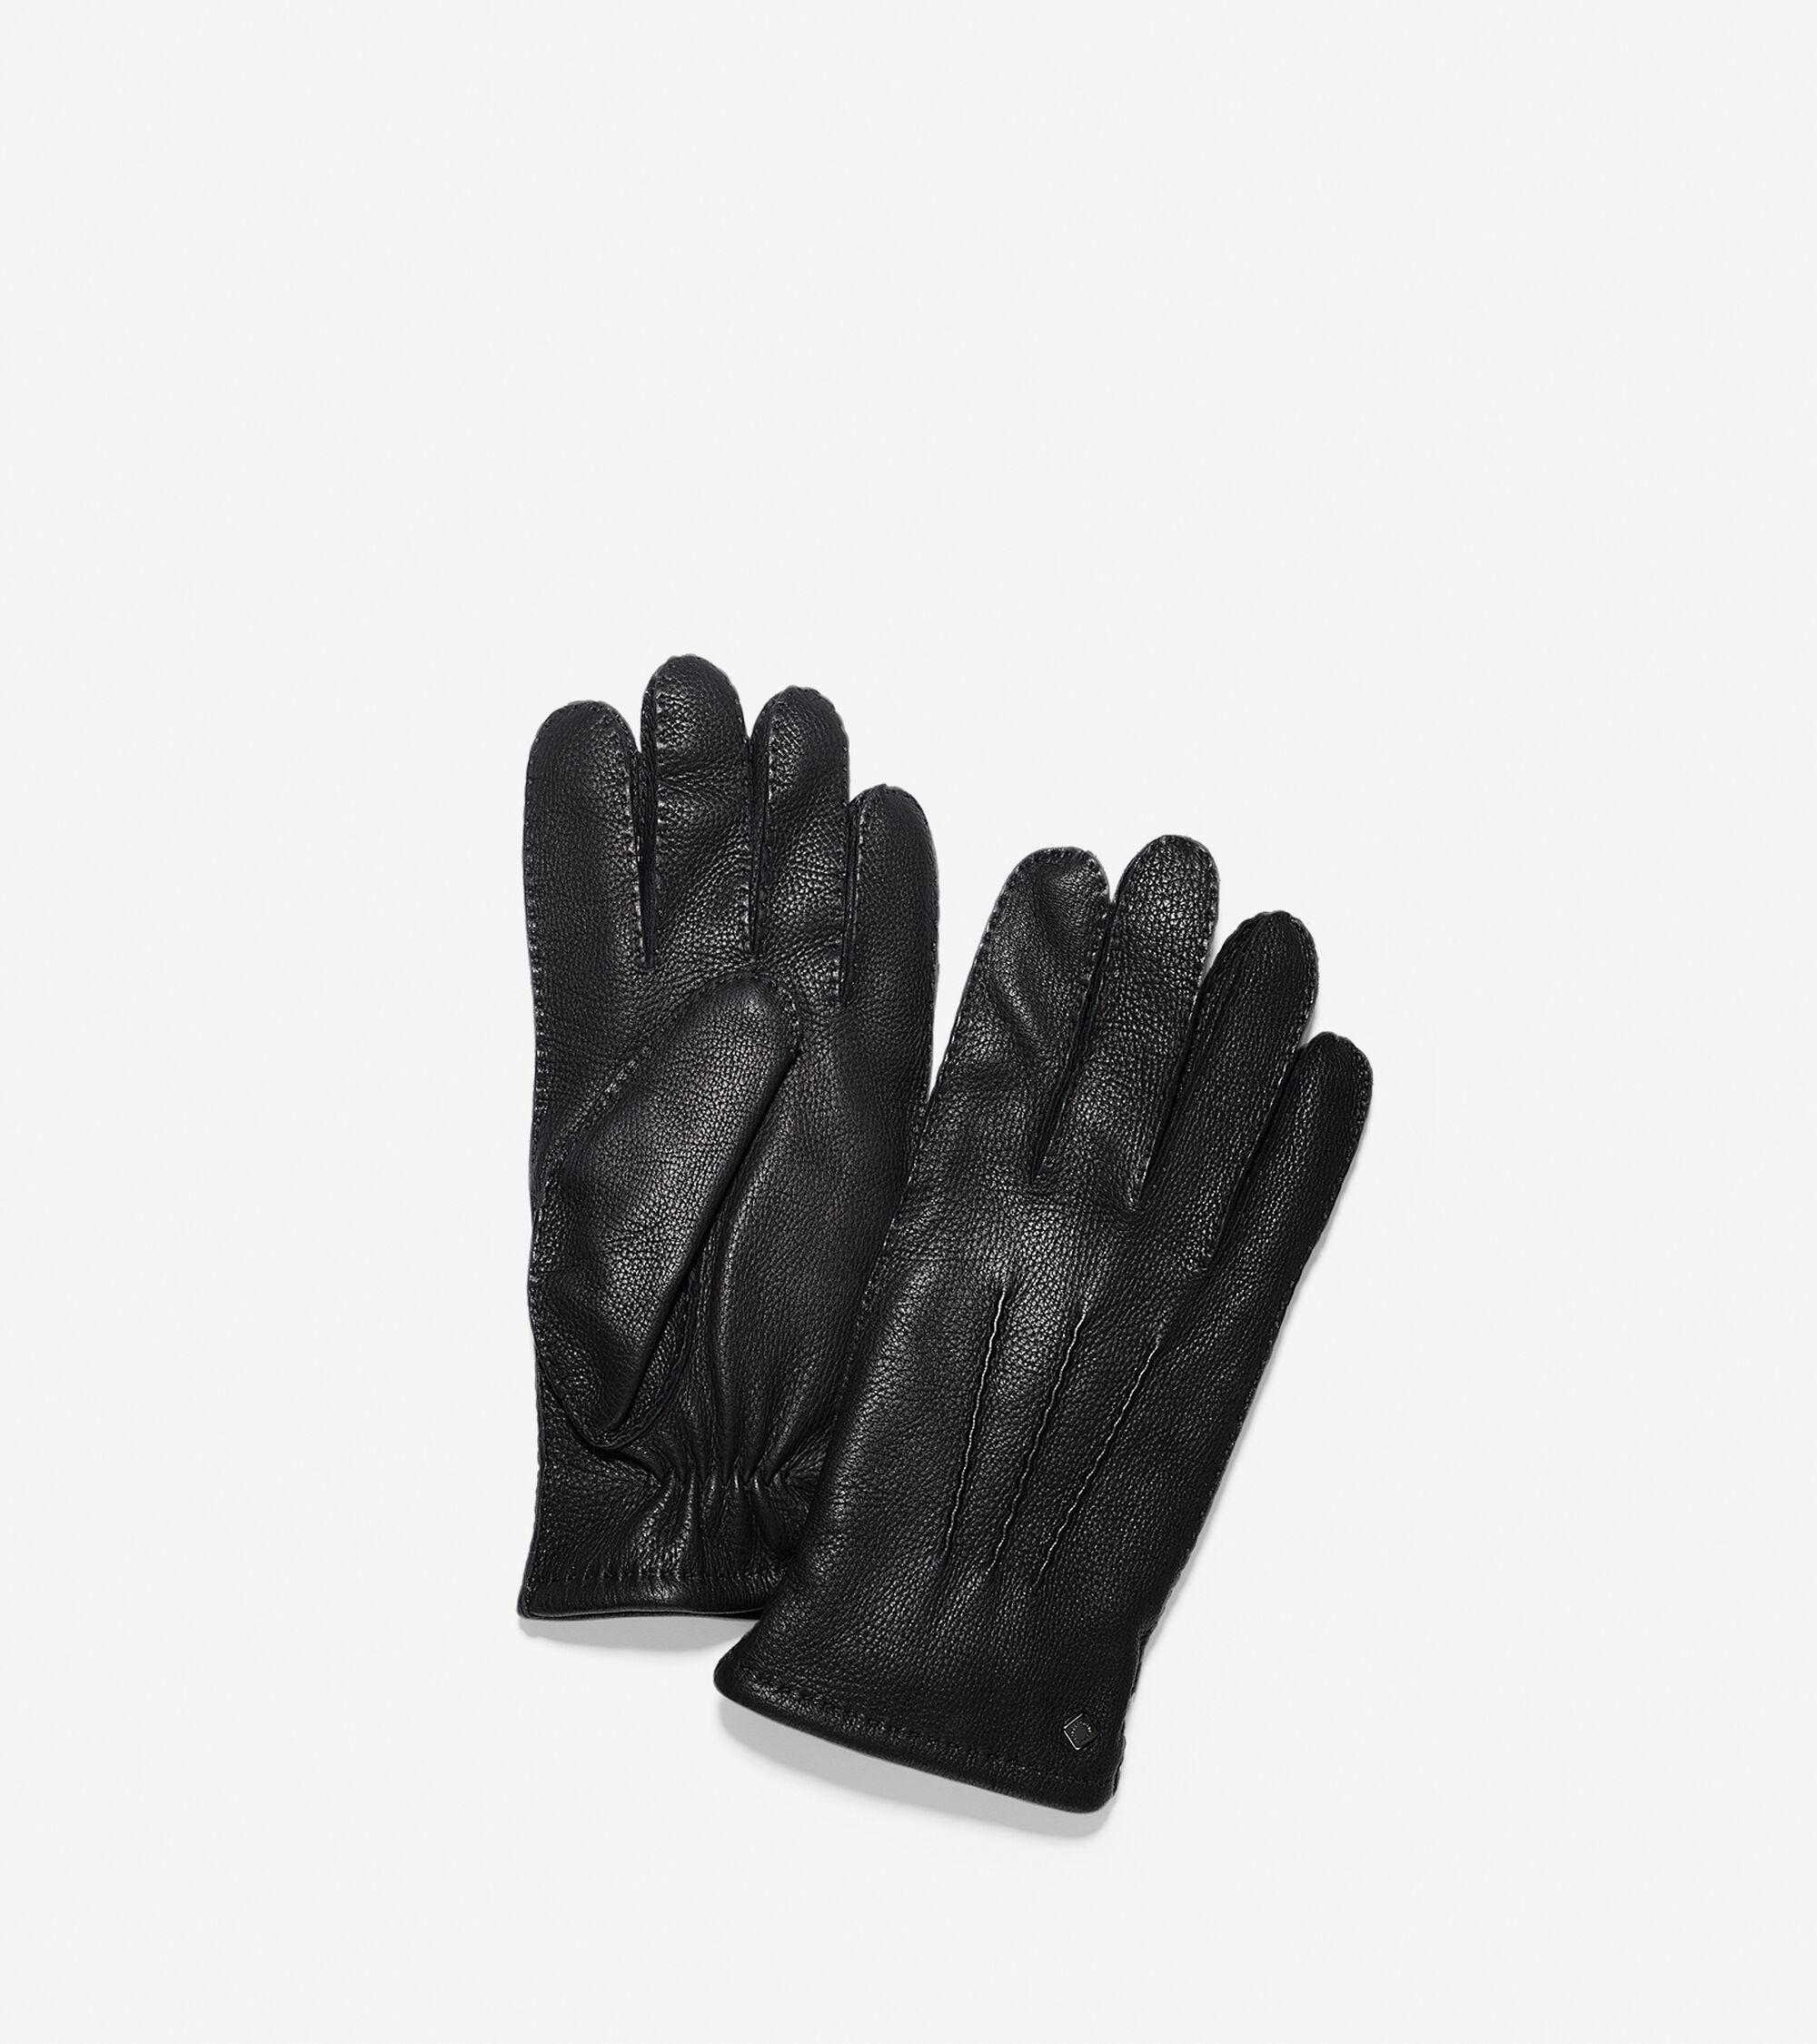 Mens deerskin gloves - Handsewn Deerskin Leather Gloves